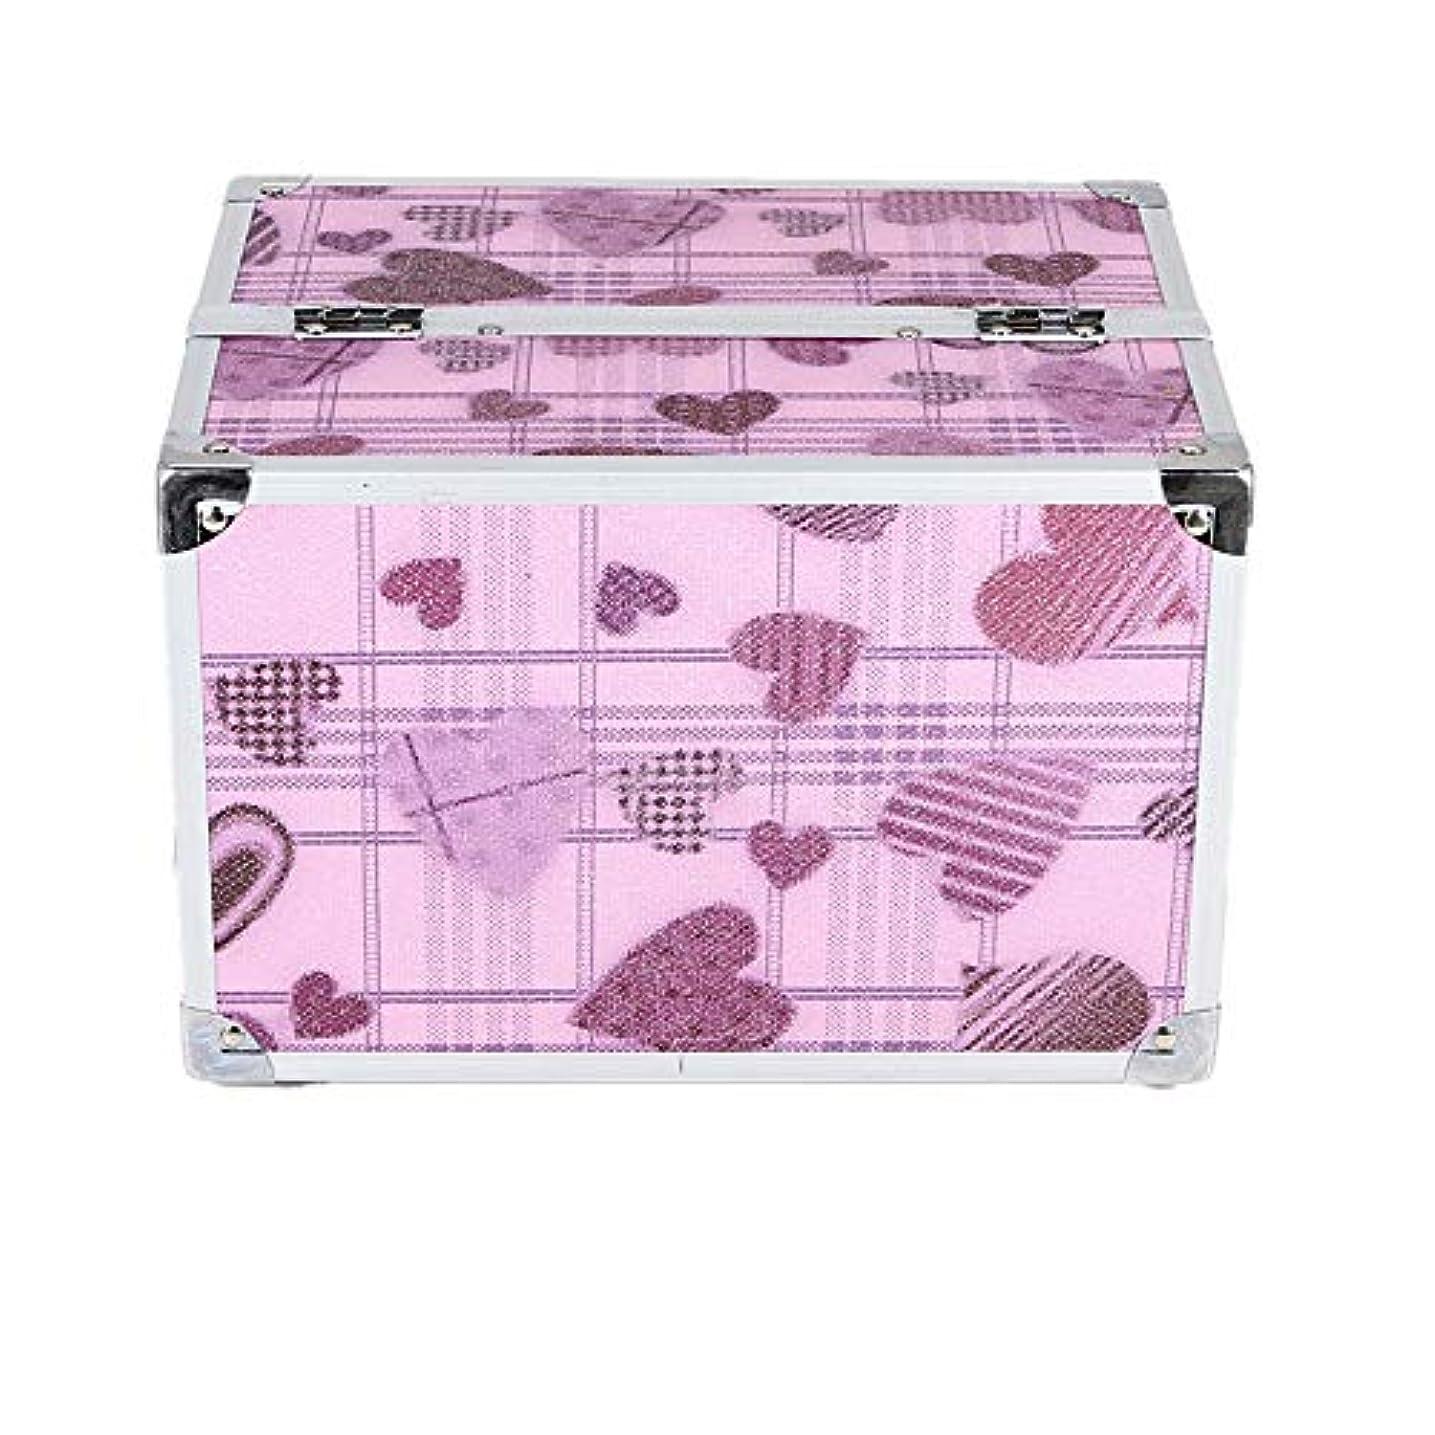 障害者焦がす長方形化粧オーガナイザーバッグ かわいいハートパターントラベルアクセサリーのためのポータブル化粧ケースシャンプーボディウォッシュパーソナルアイテム収納トレイ 化粧品ケース